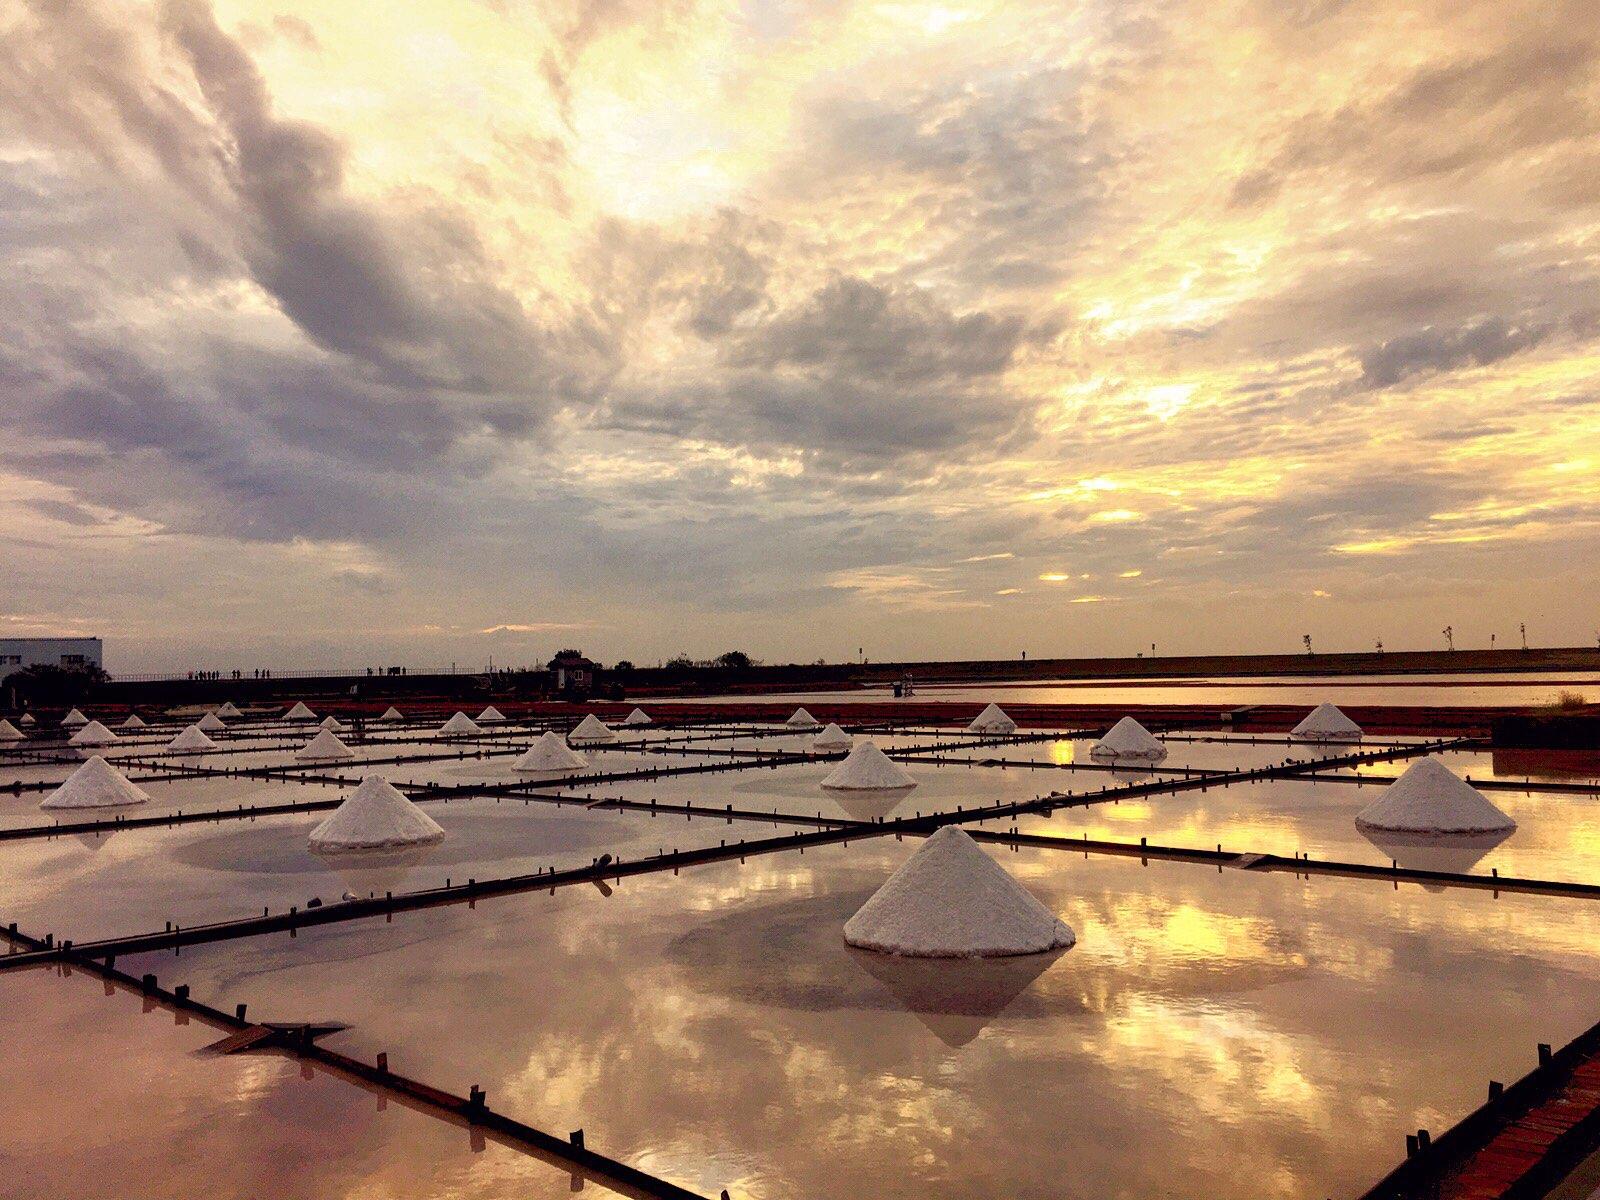 jingzijiao wapan salt fields Tainan taiwan